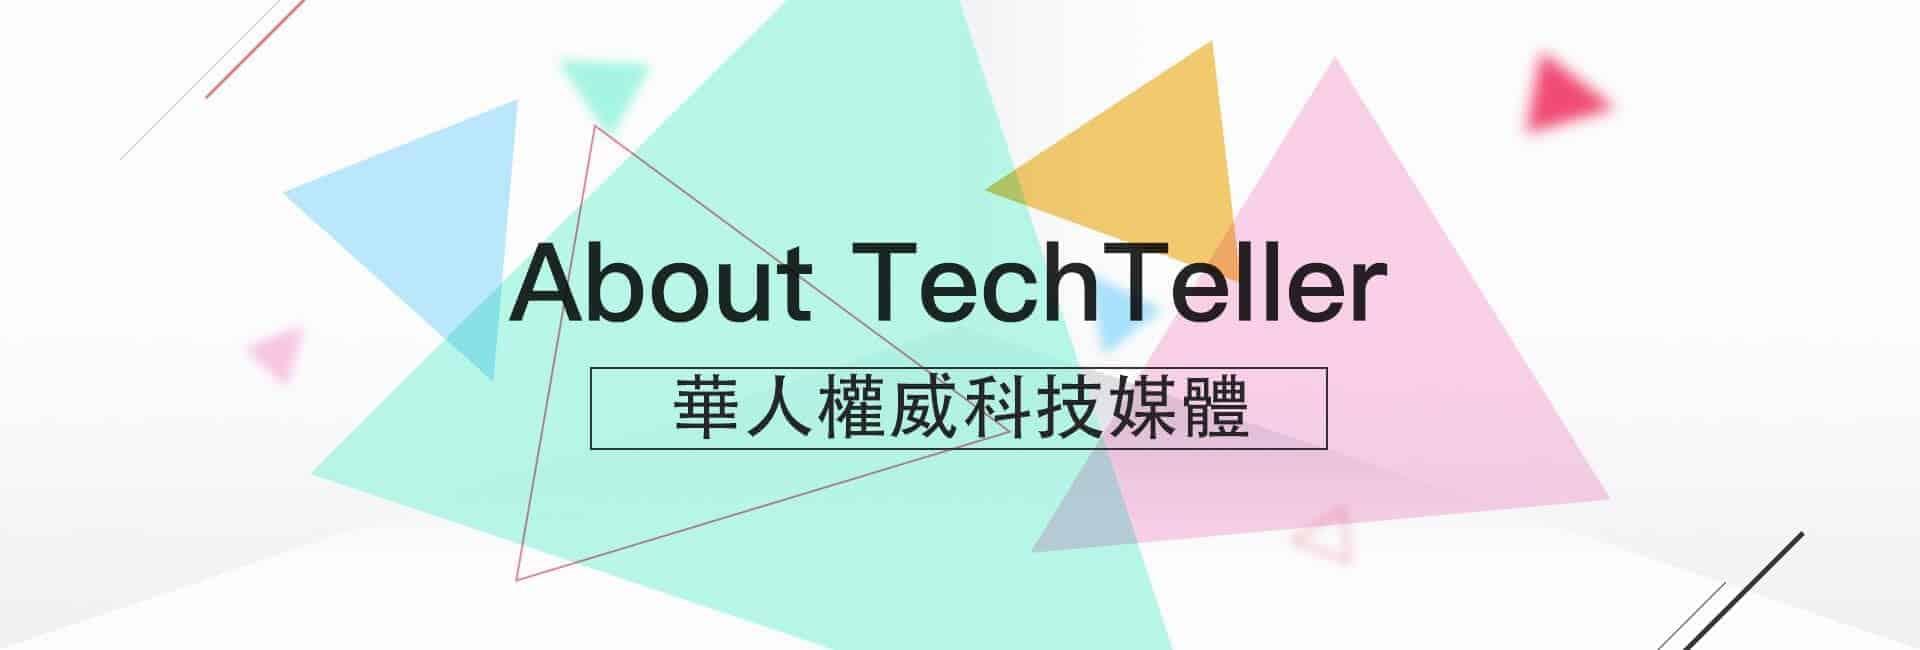 關於我們-TechTeller (科技說)